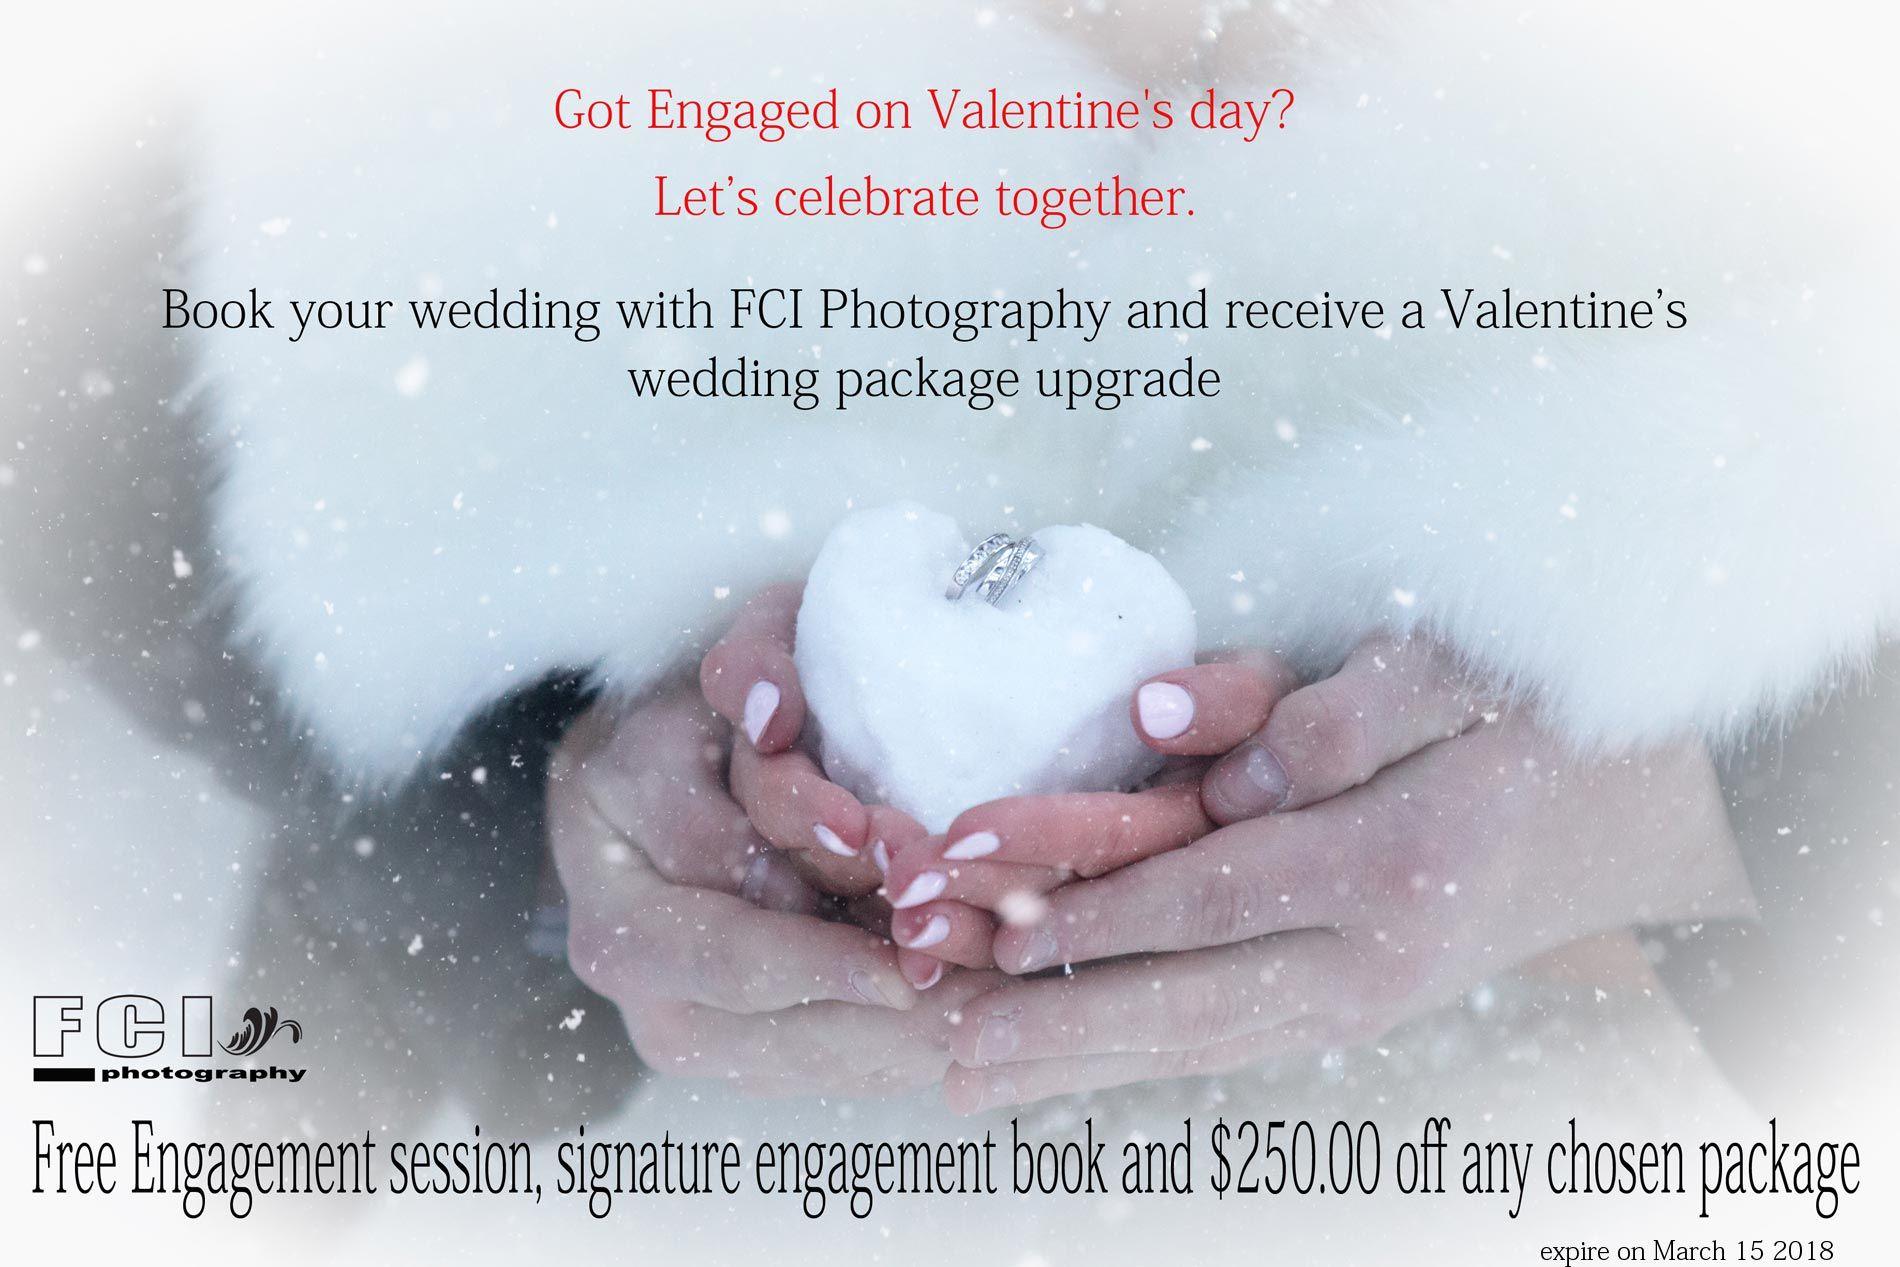 Valentine wedding package special upgrade! Valentine